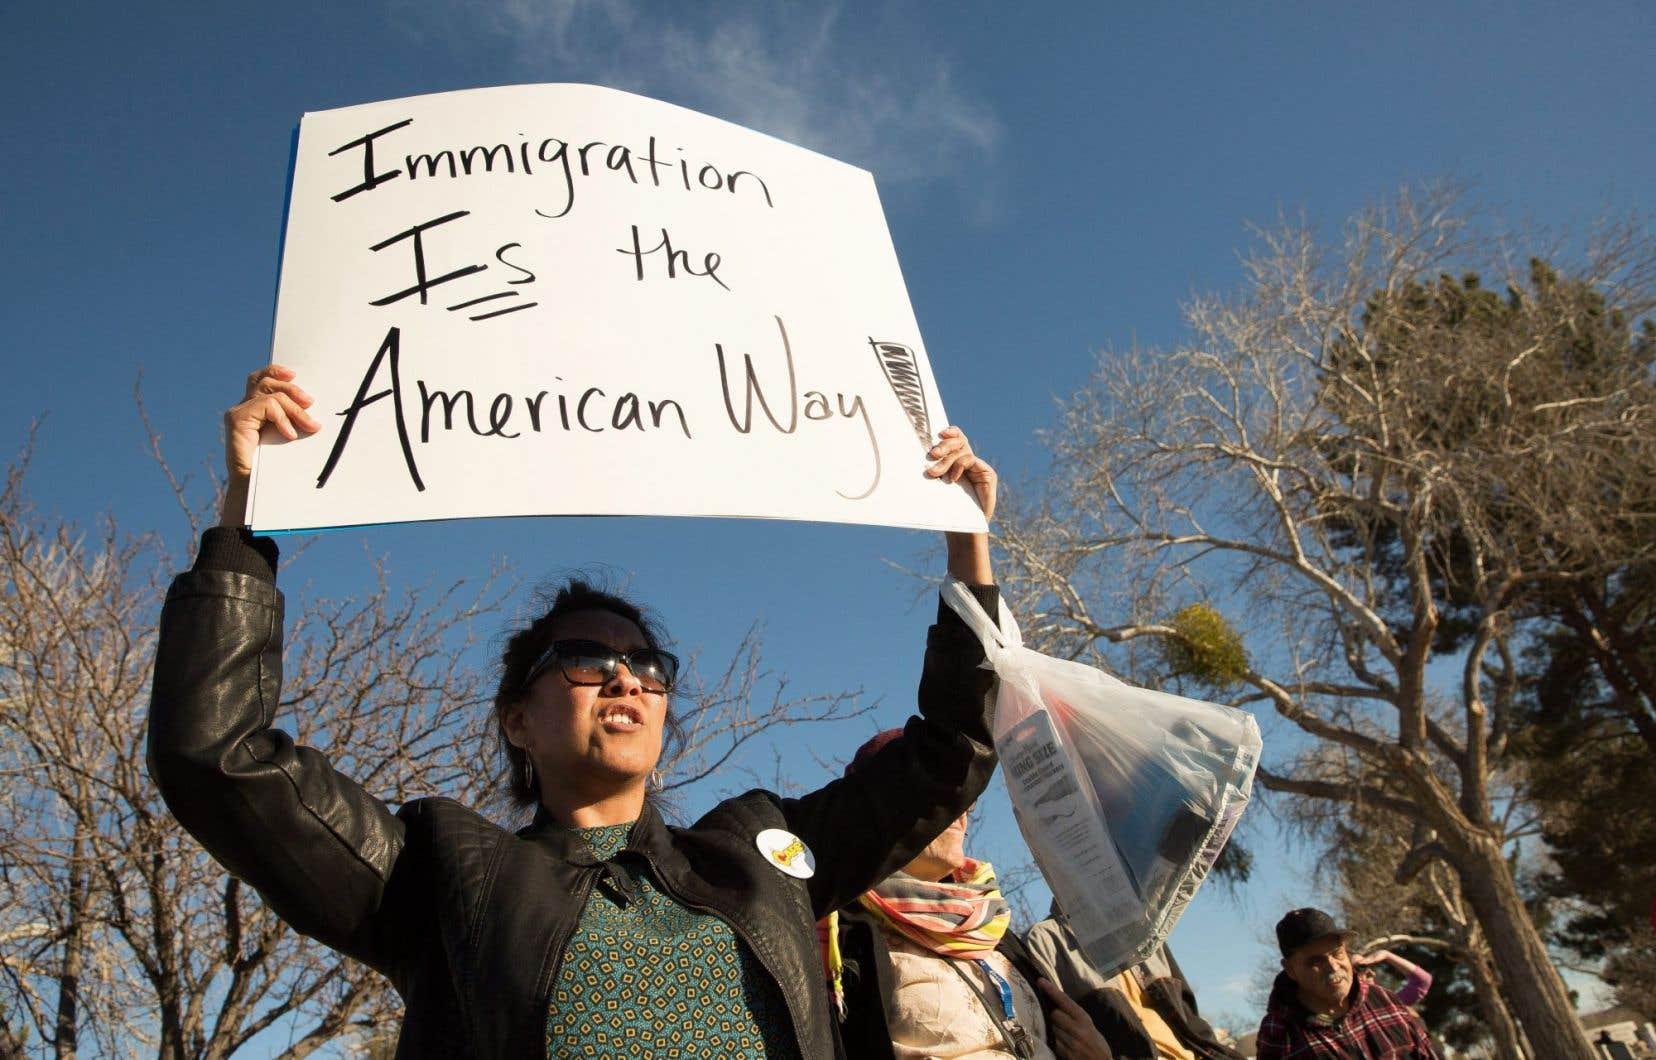 Une jeune femme participe à une manifestation contre les rafles des Services américains de l'Immigration et des douanes à Las Cruces au Nouveau-Mexique, l'État voisin du Texas.